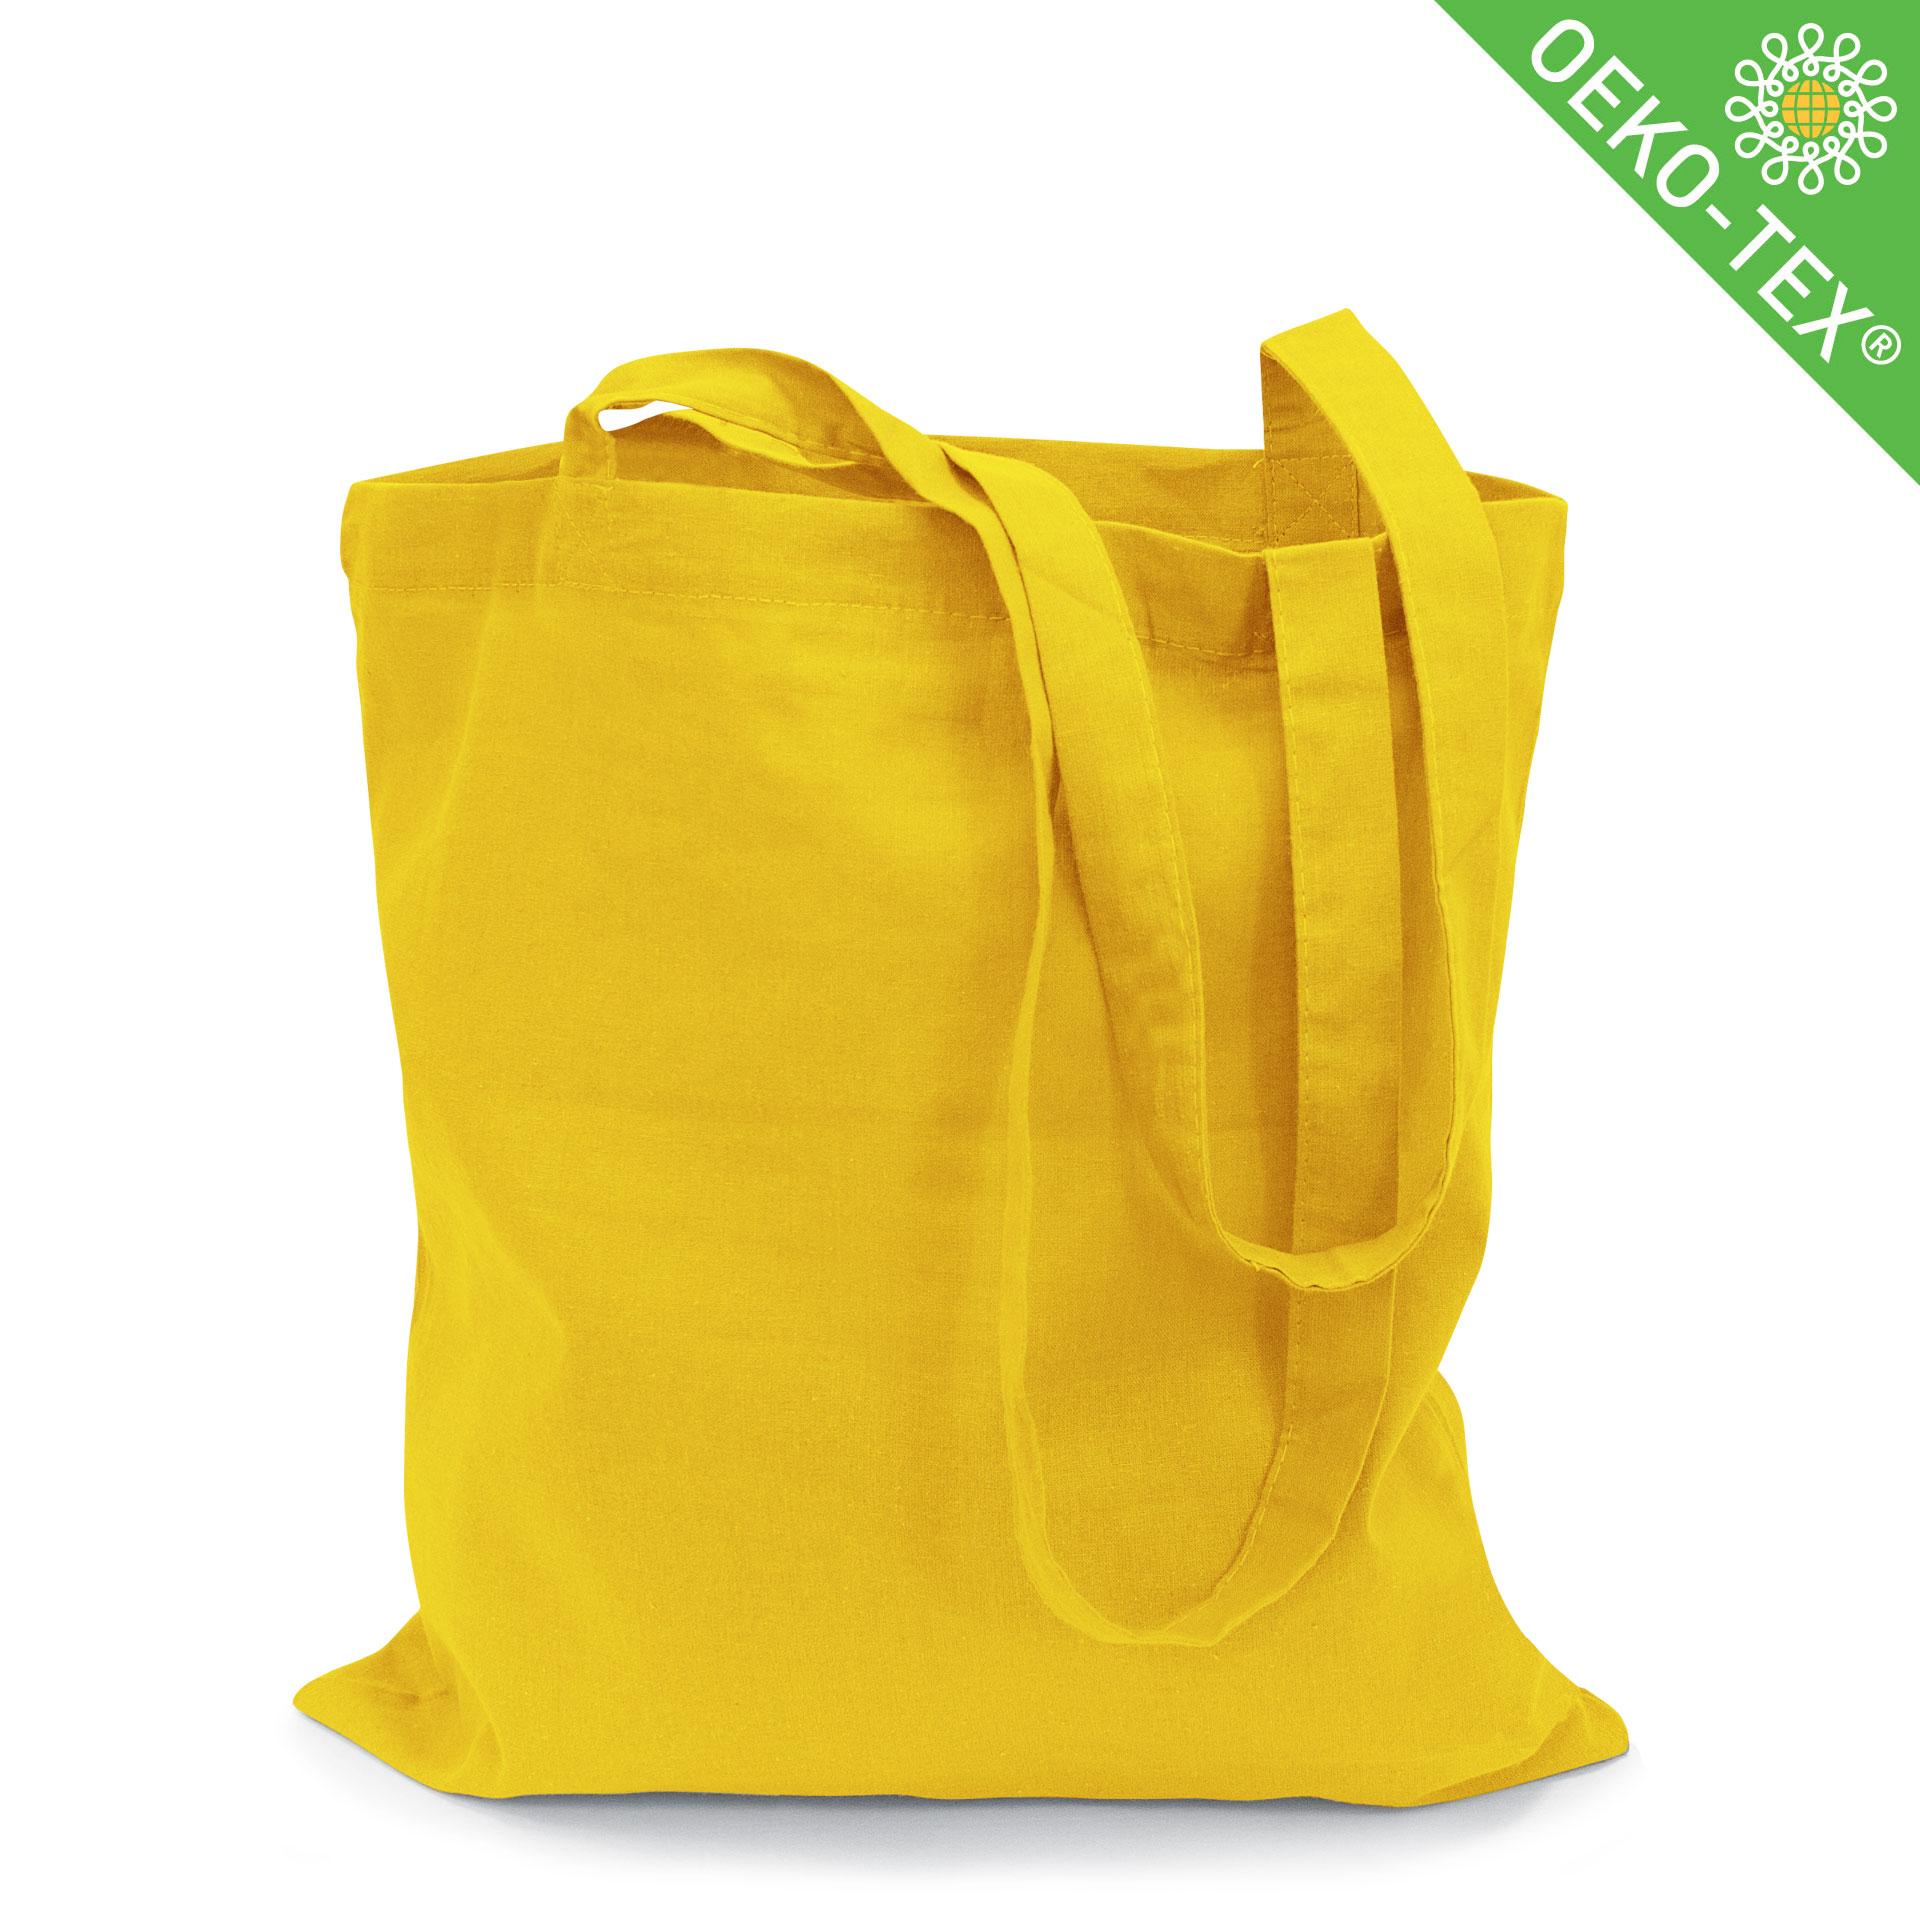 21-20_Riad,Baumwolltasche mit langen Henkeln, Farbe: gelb